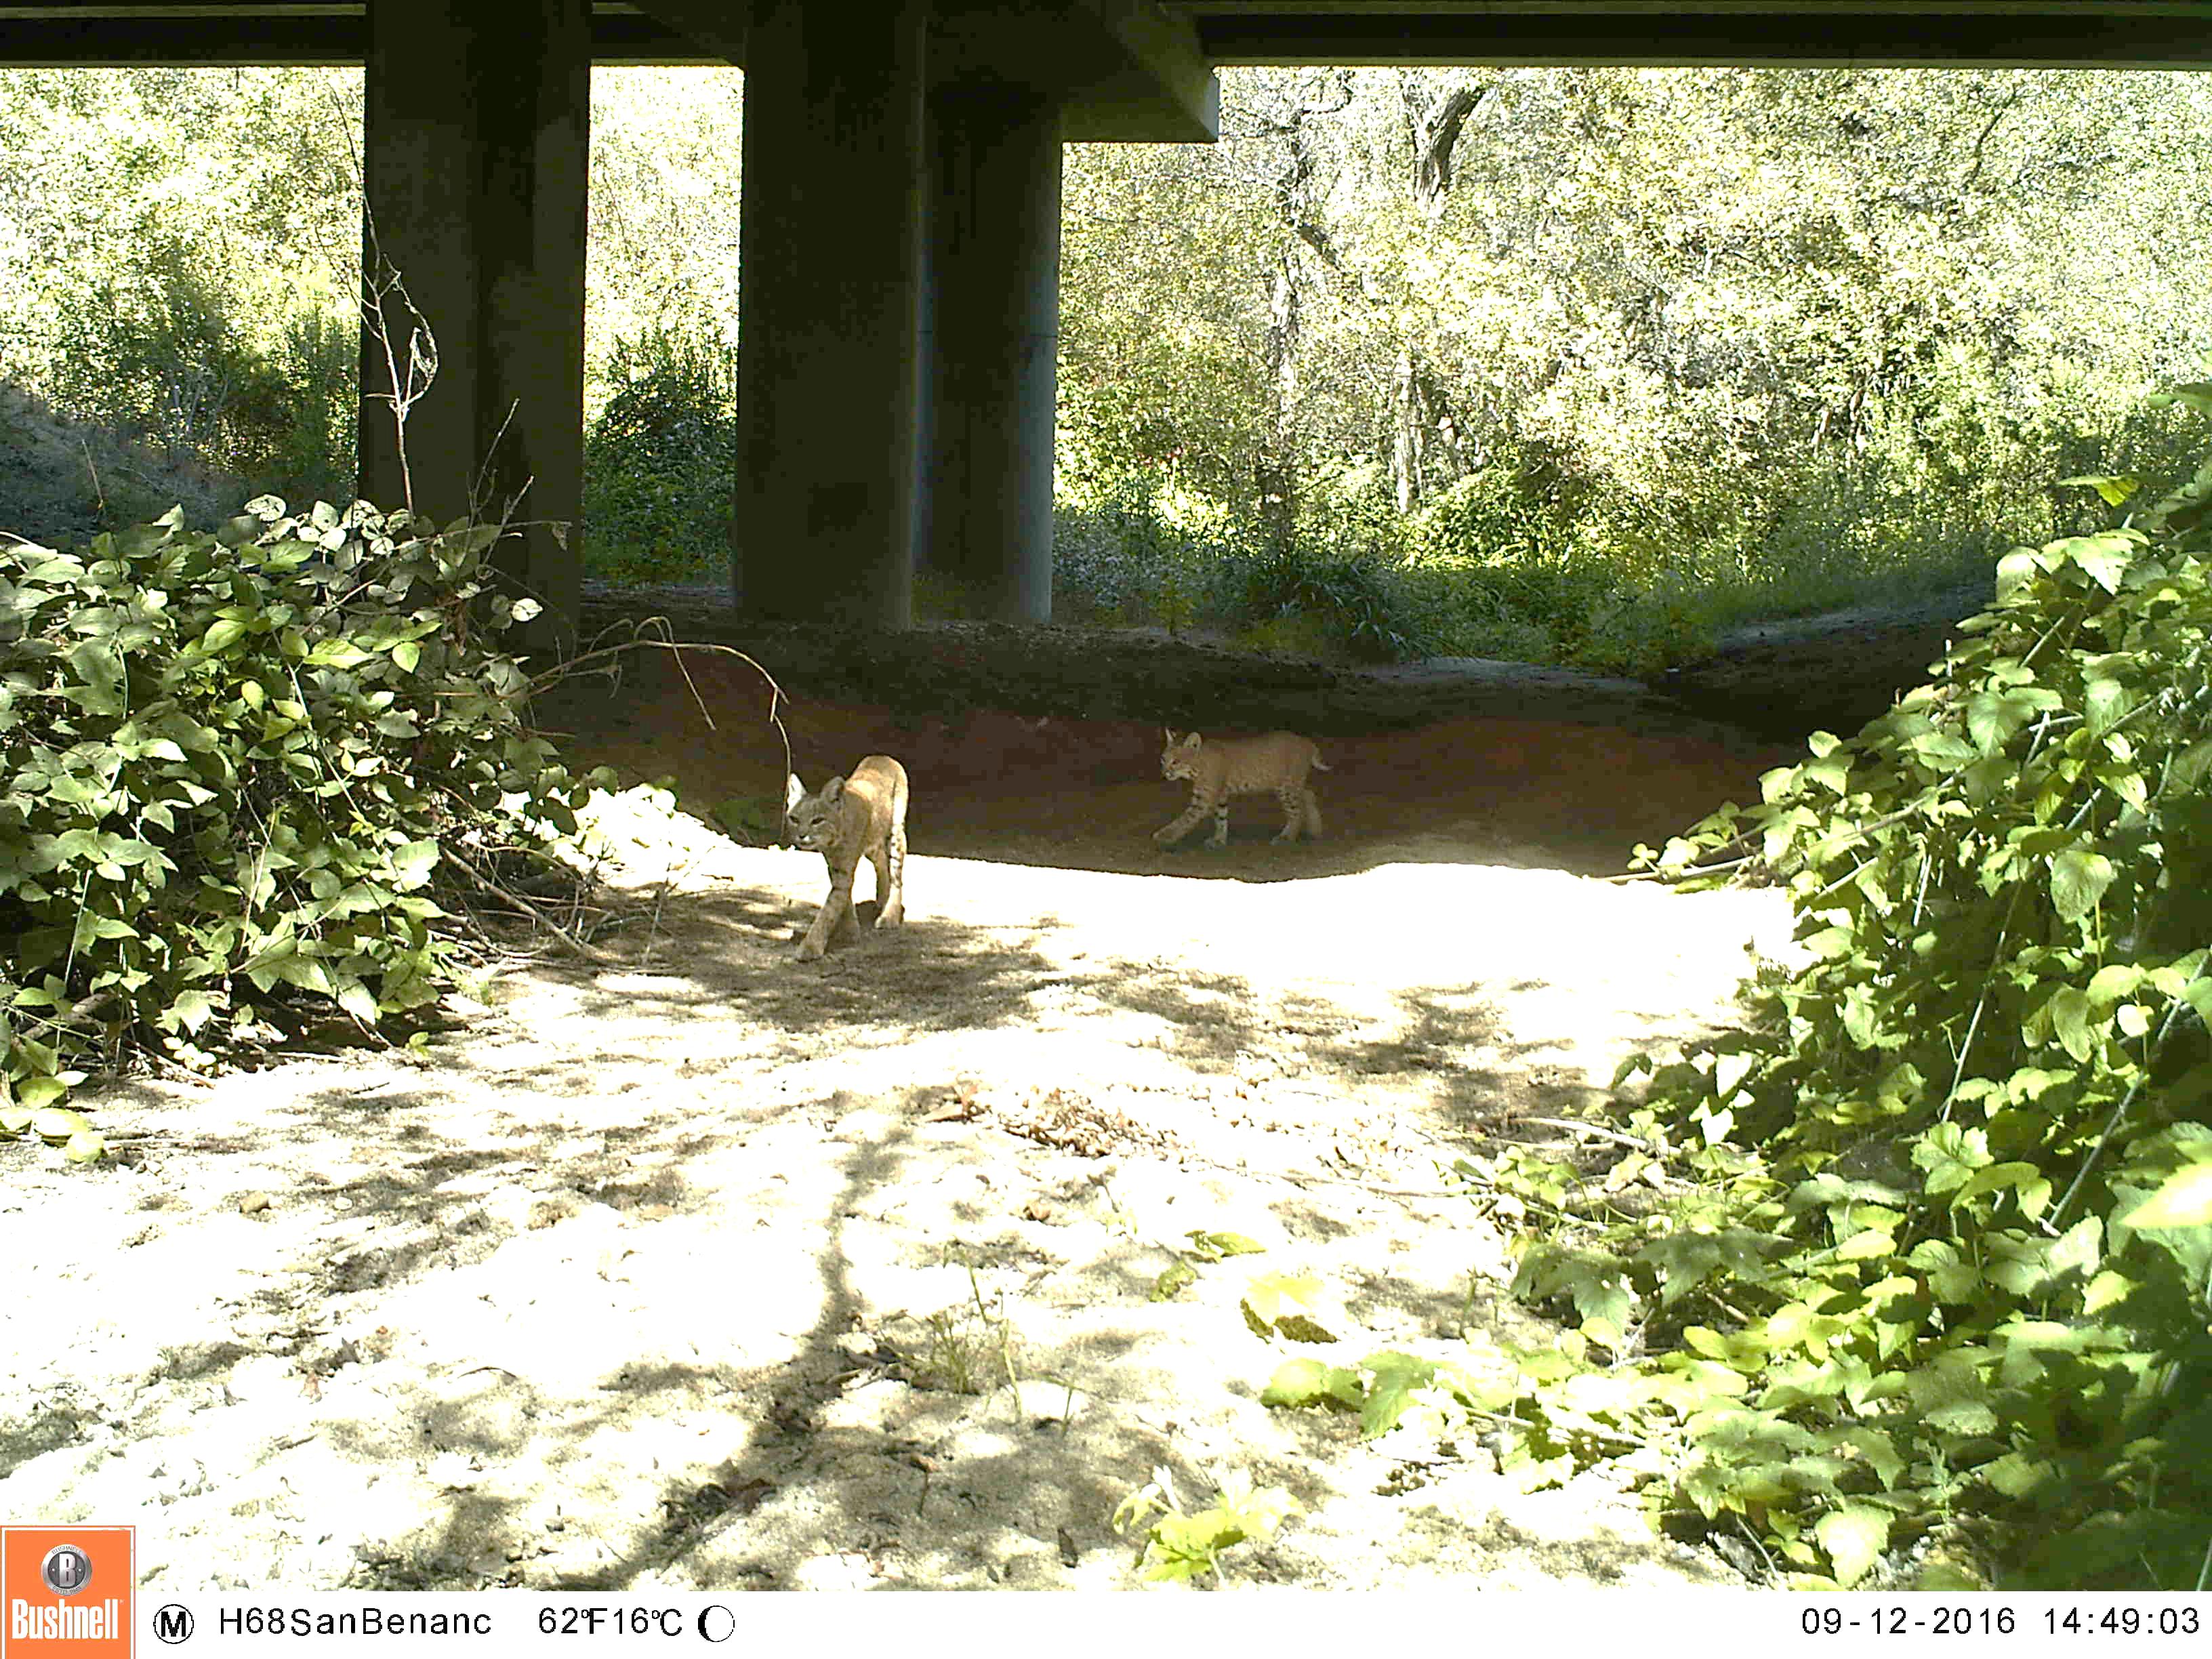 3b San Benancio Bobcat & Kitten